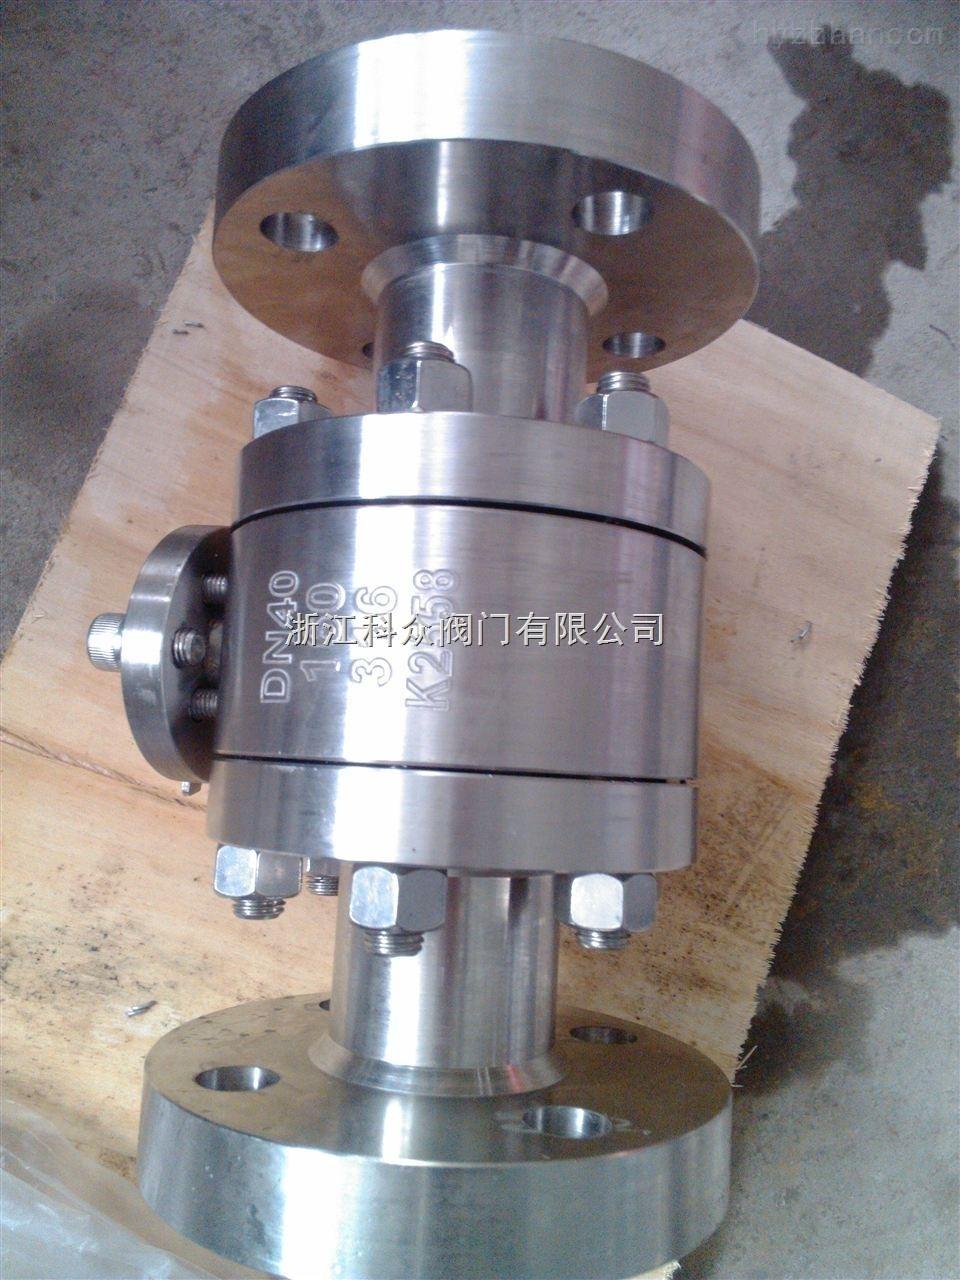 不锈钢硬密封球阀温州厂家生产